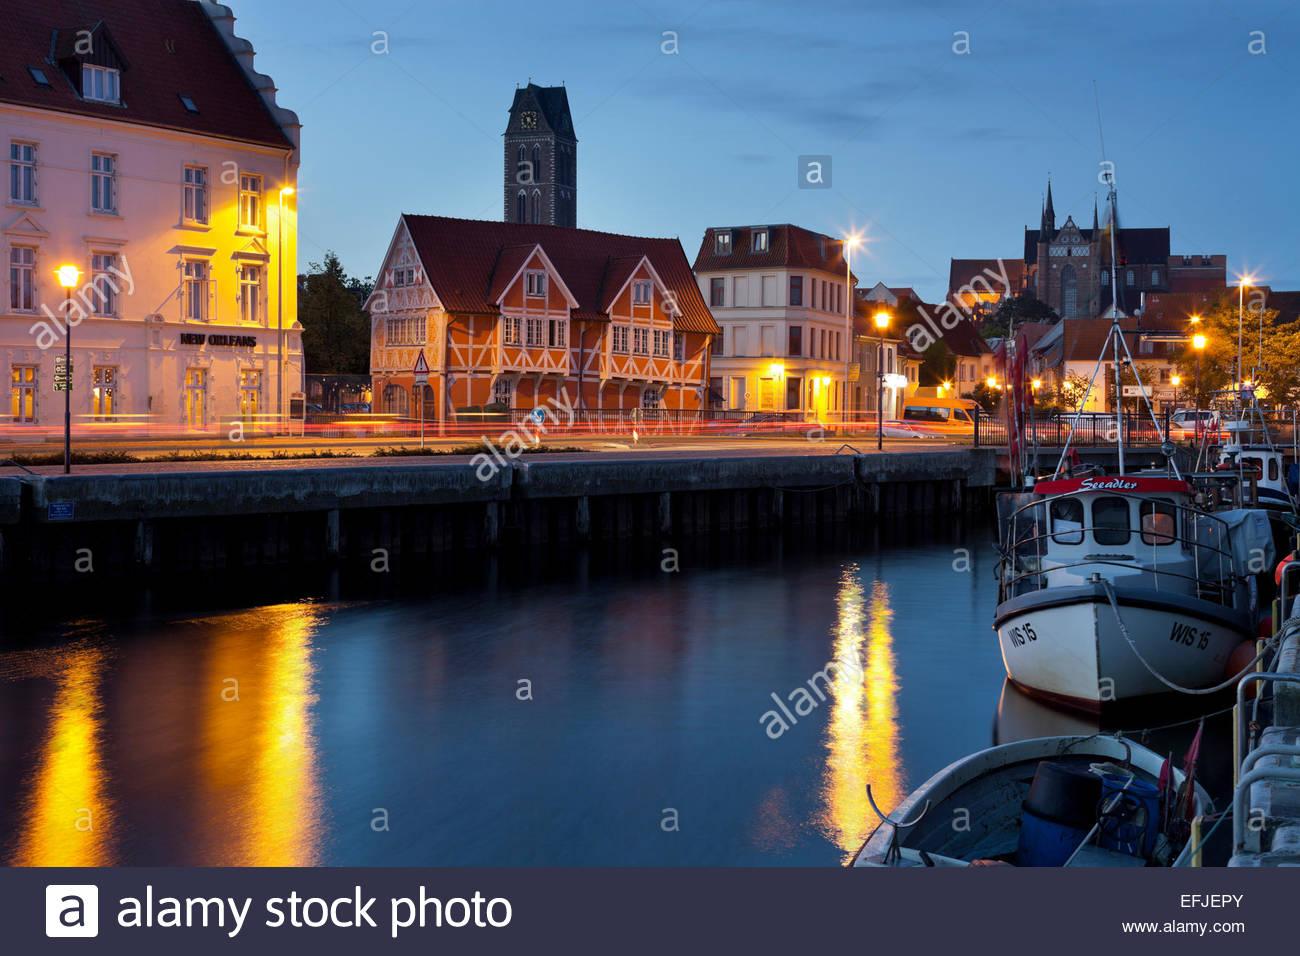 Old harbour, St. Marien, Wismar, Mecklenburg-Vorpommern, Germany - Stock Image